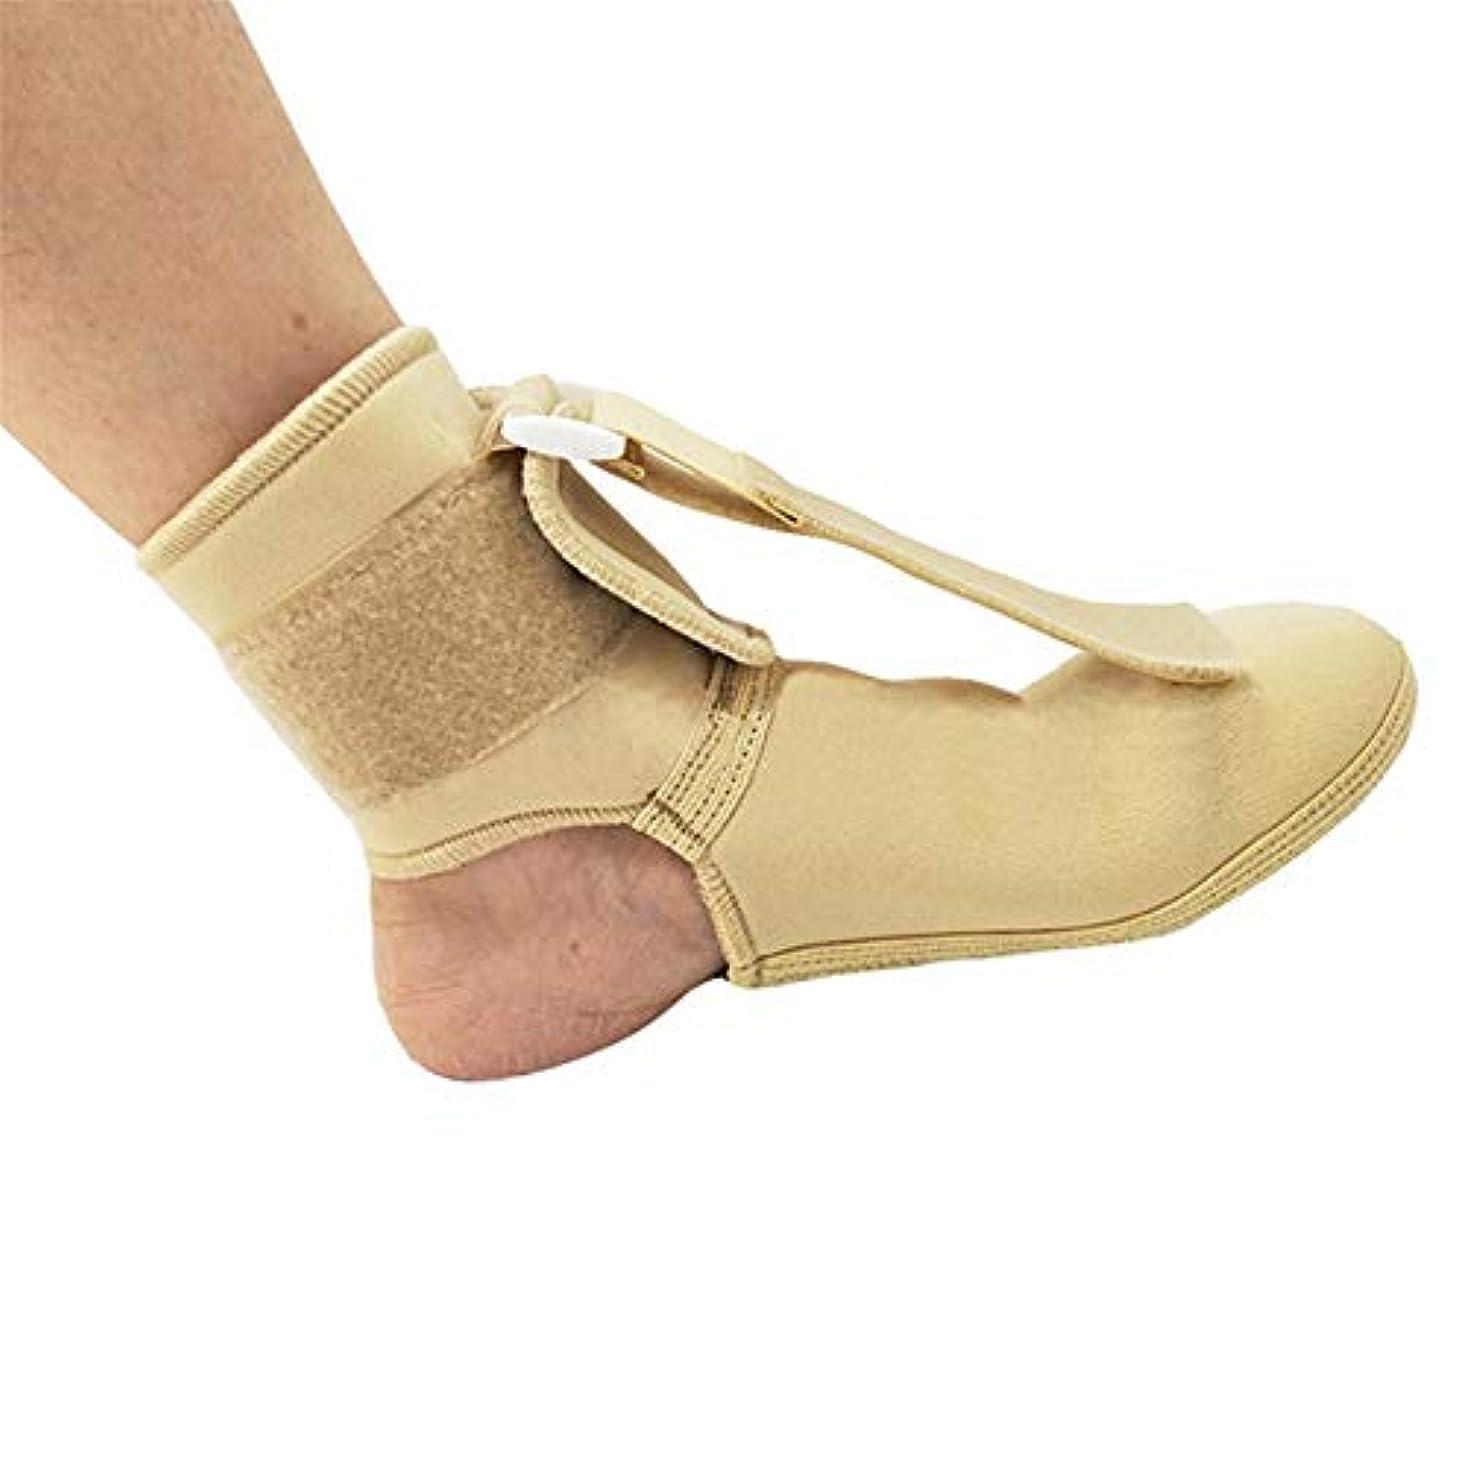 教義木製大気足首保護、関節サポート、調節可能なフットドロップ矯正装具足の痛みの軽減スプリント足首スプリントサポートナイトスプリント,L